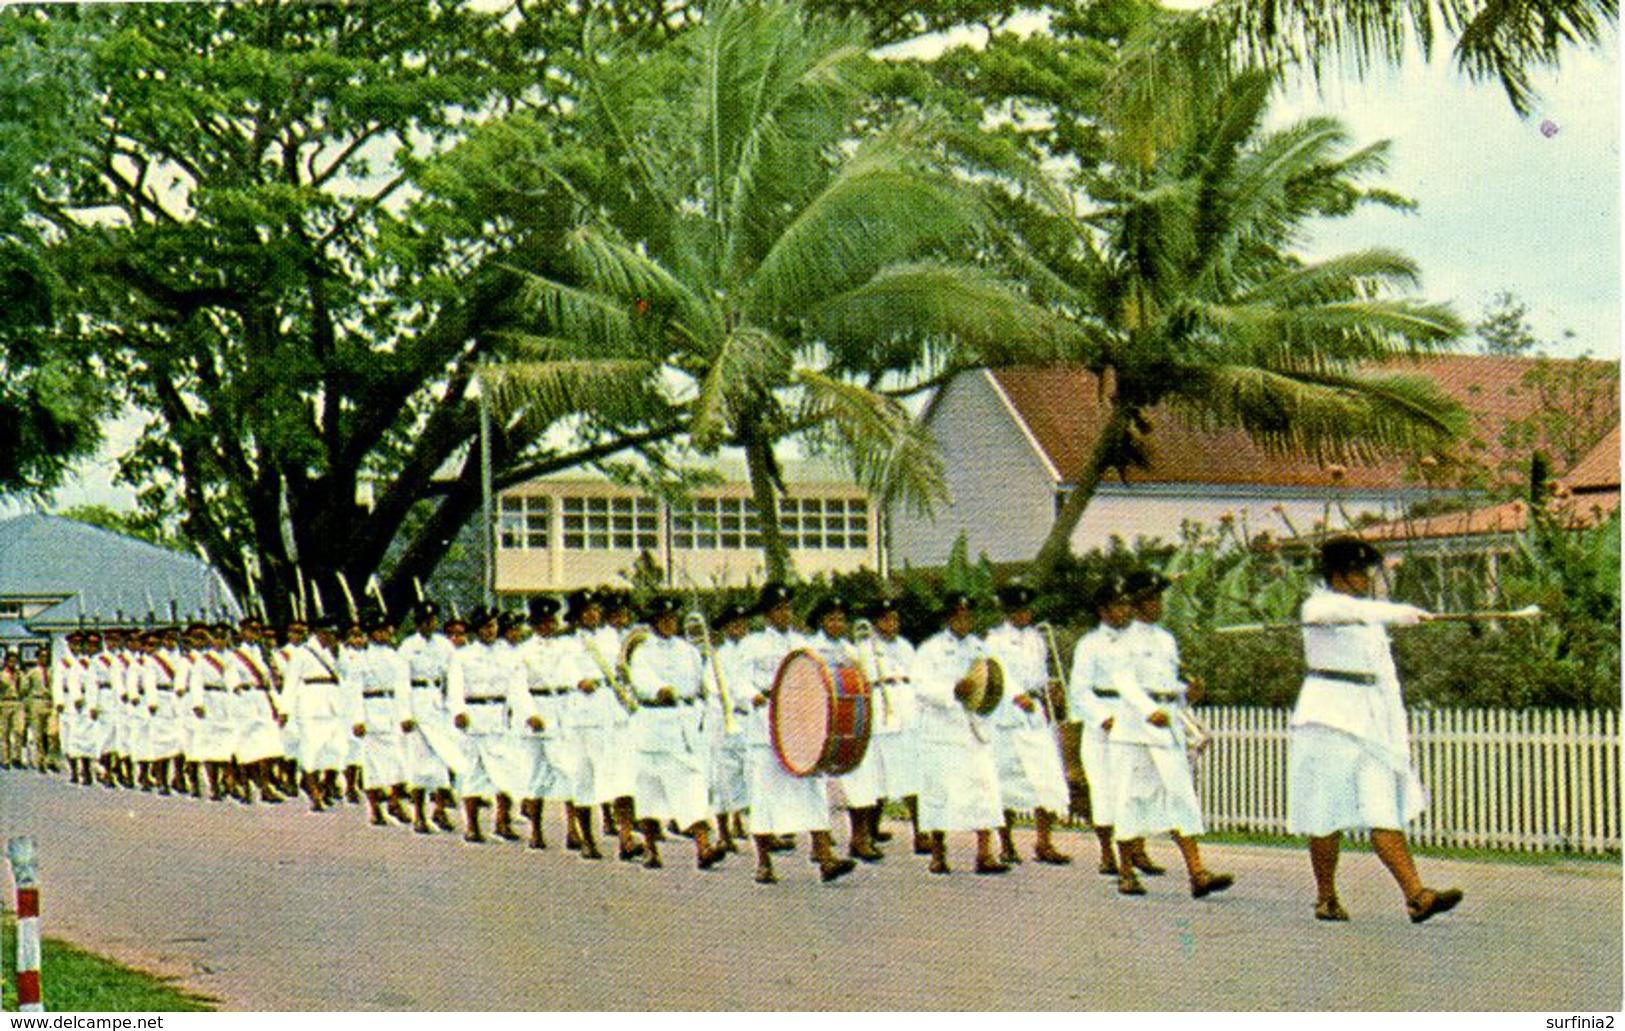 TONGA - POLICE BAND - Tonga